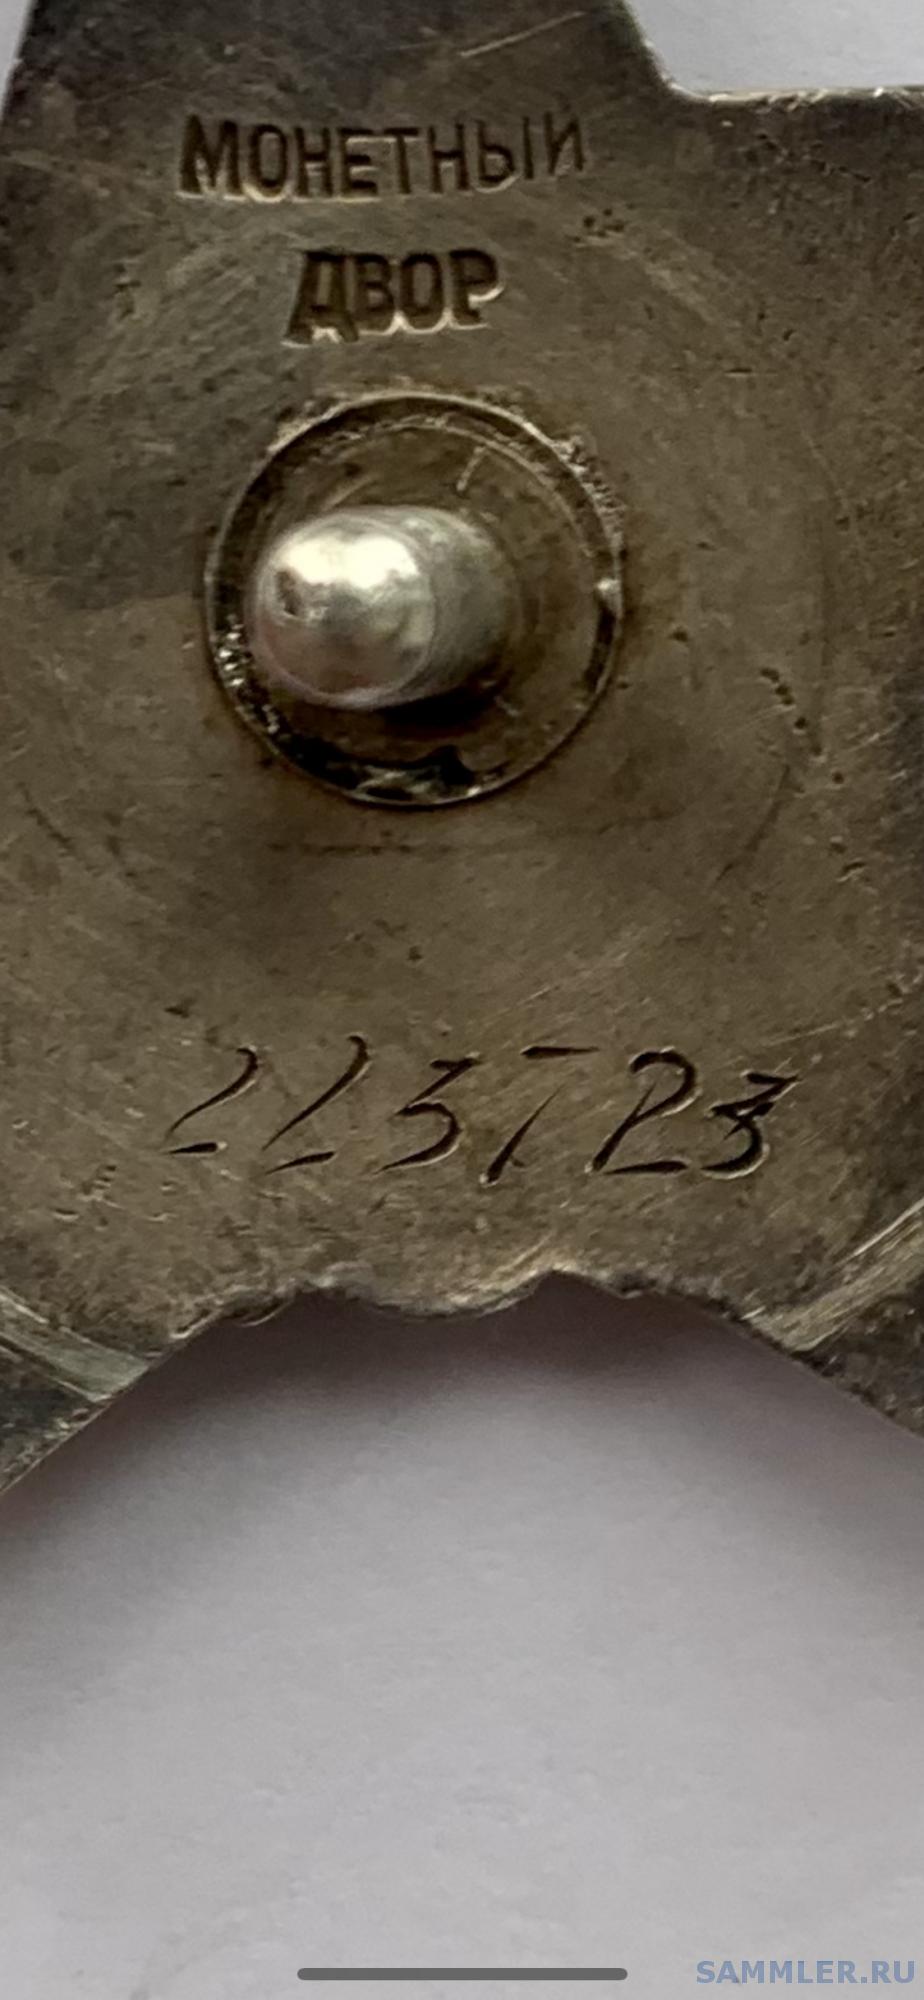 63E963F7-B889-43AA-9047-8DCDCD4140C4.png